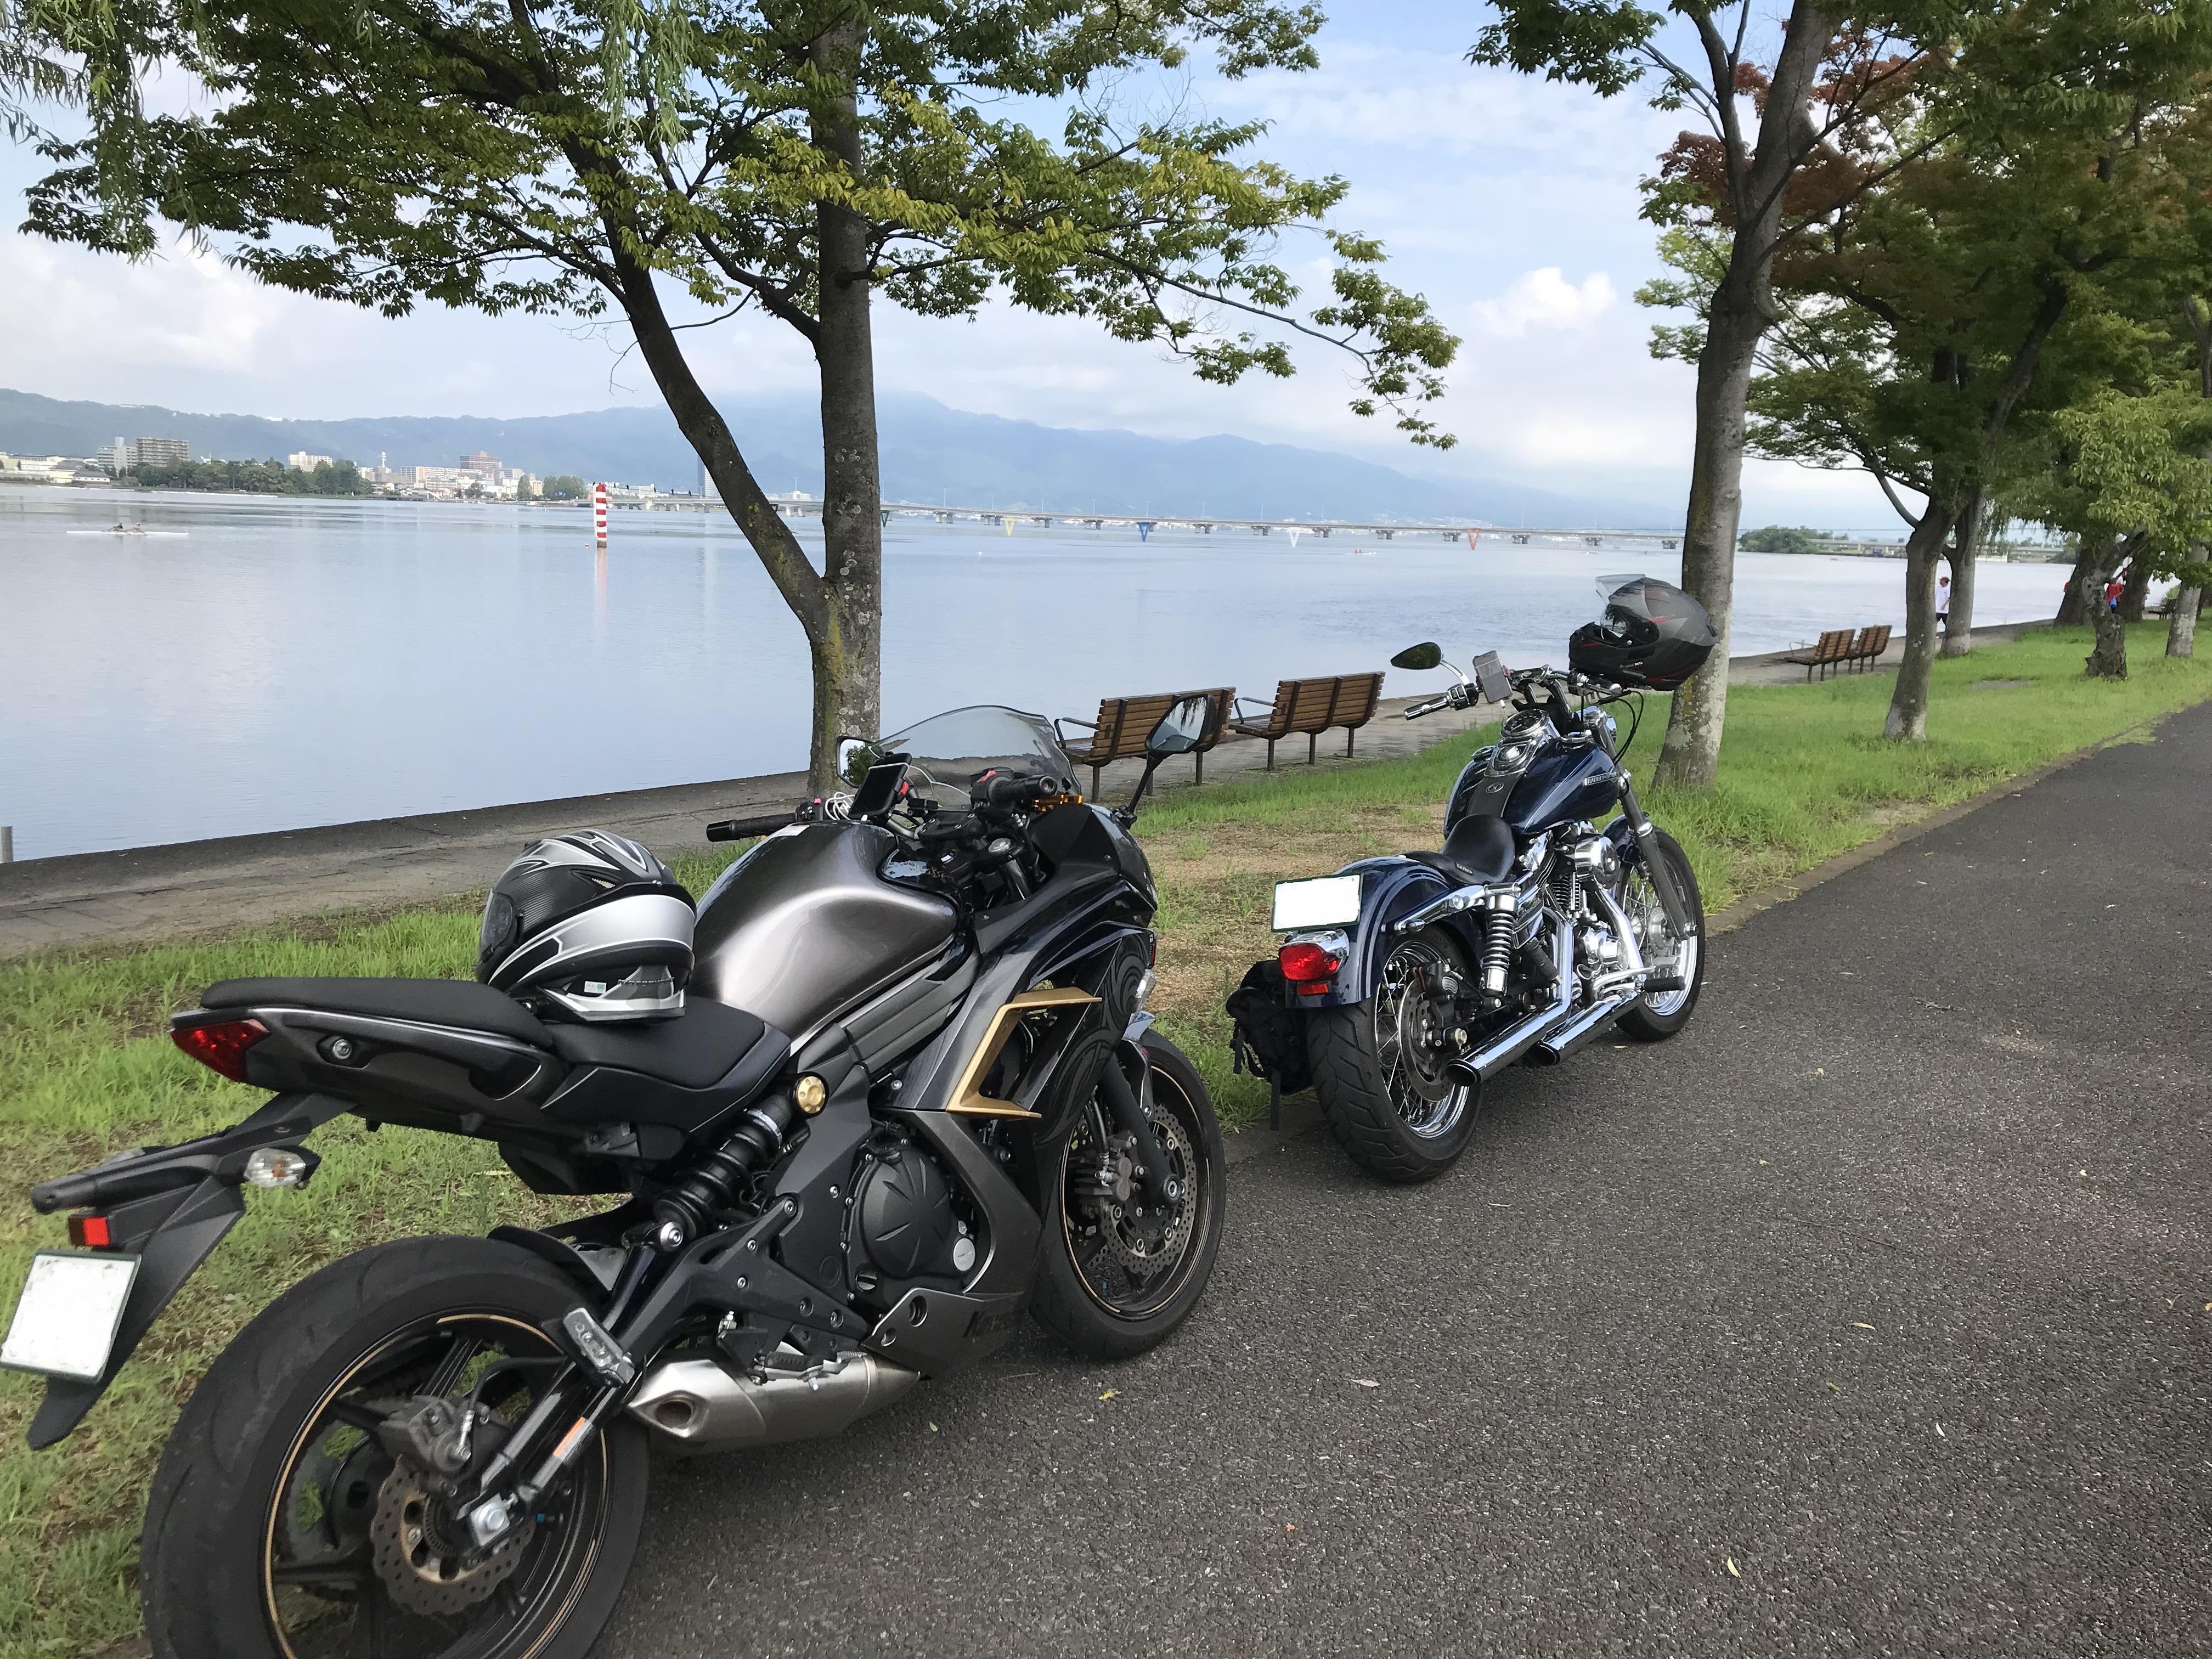 ハーレーとカワサキで行く近江八幡ツーリング 近江大橋